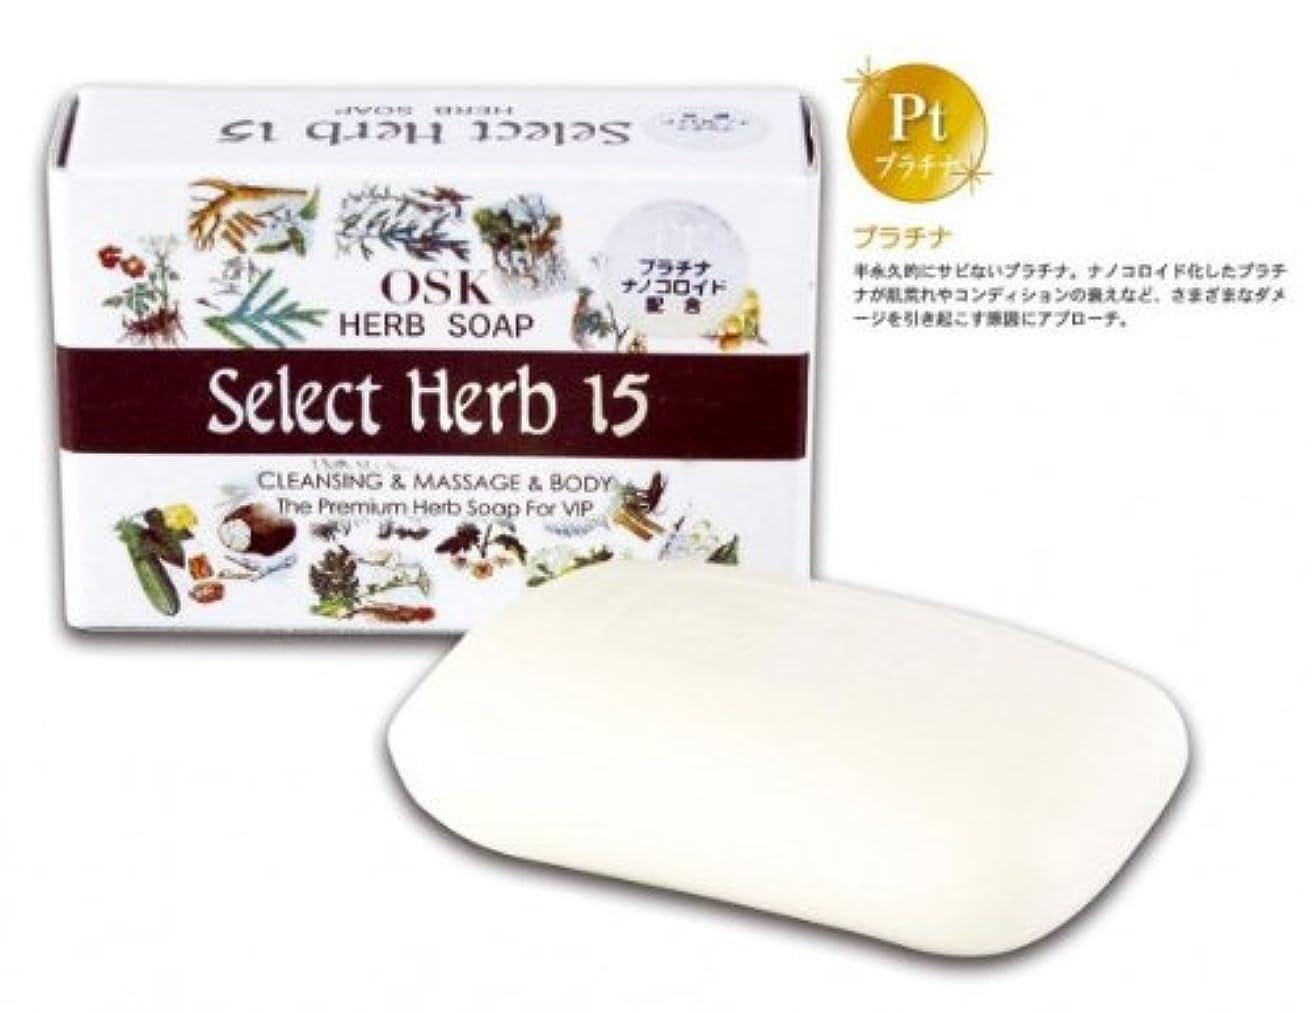 センチメンタル吸収無一文NEW OSK SOAP SelectHerb15(ニューオーエスケーソープセレクトハーブ15)135g